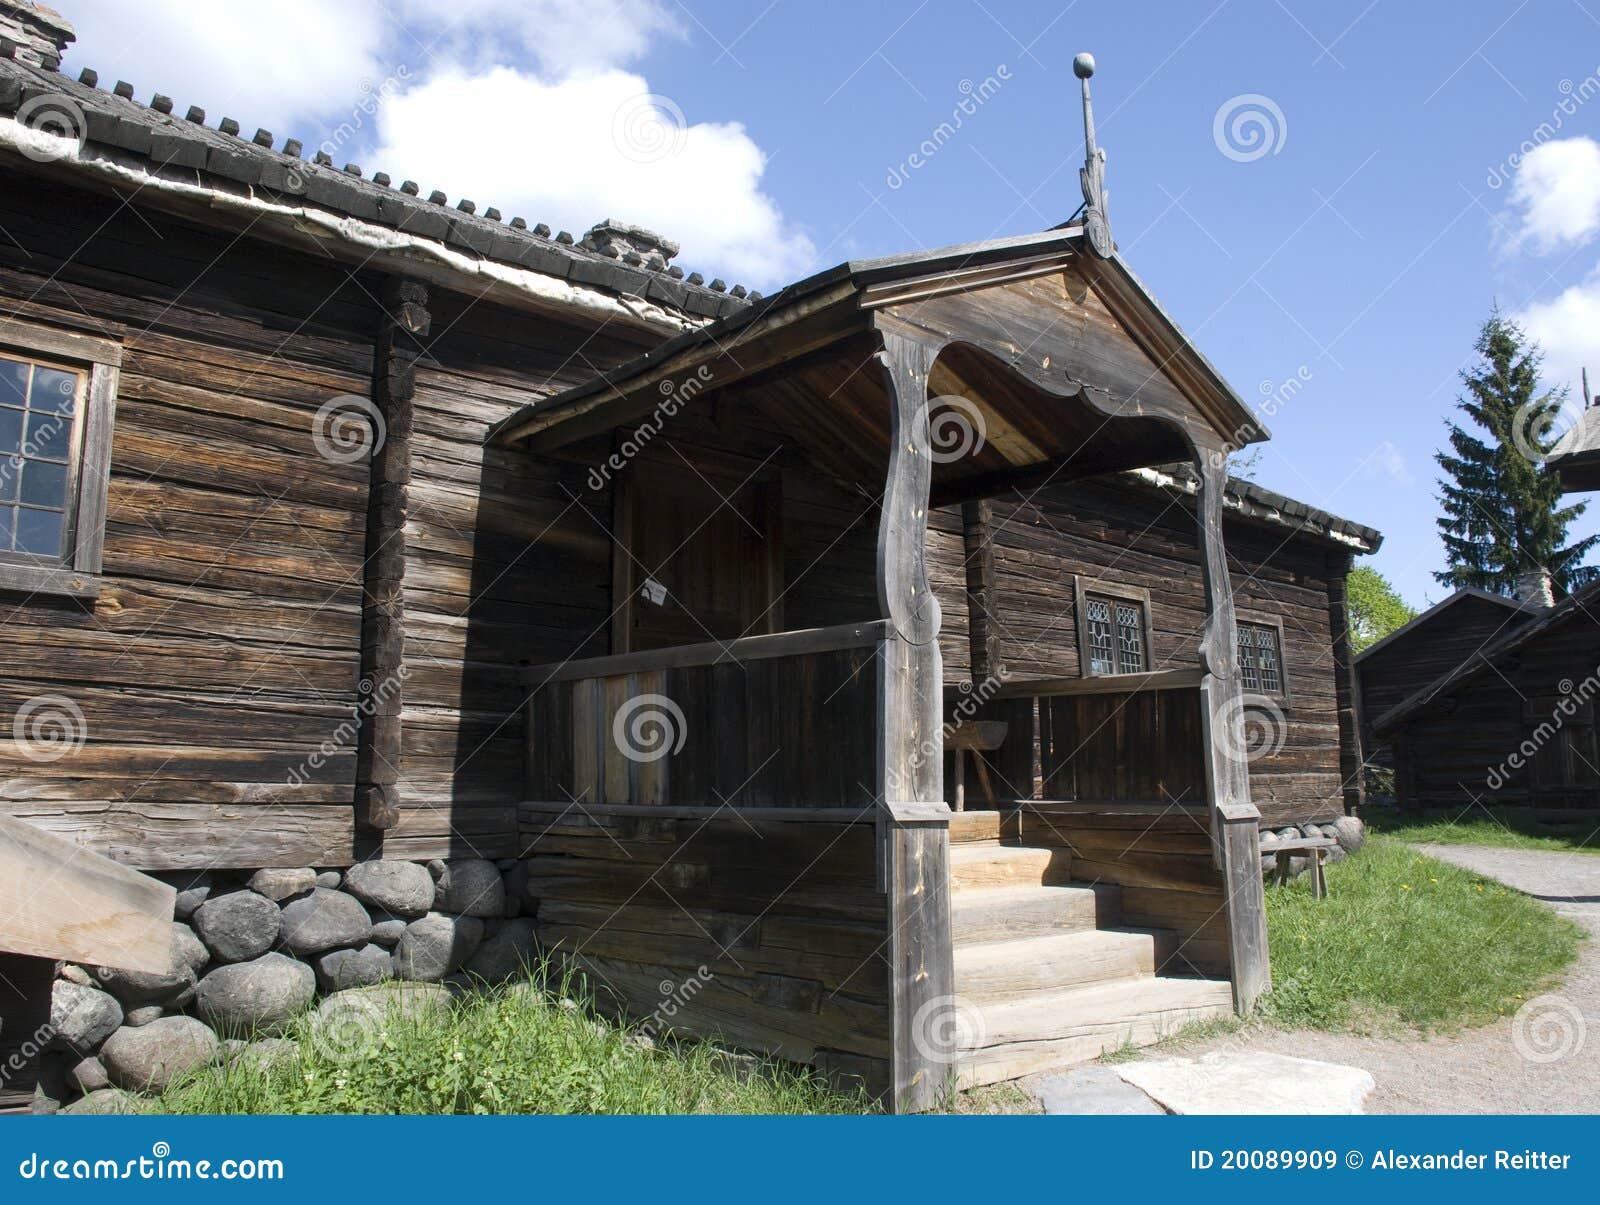 Maison scandinave images libres de droits image 20089909 - Maison bois scandinave ...